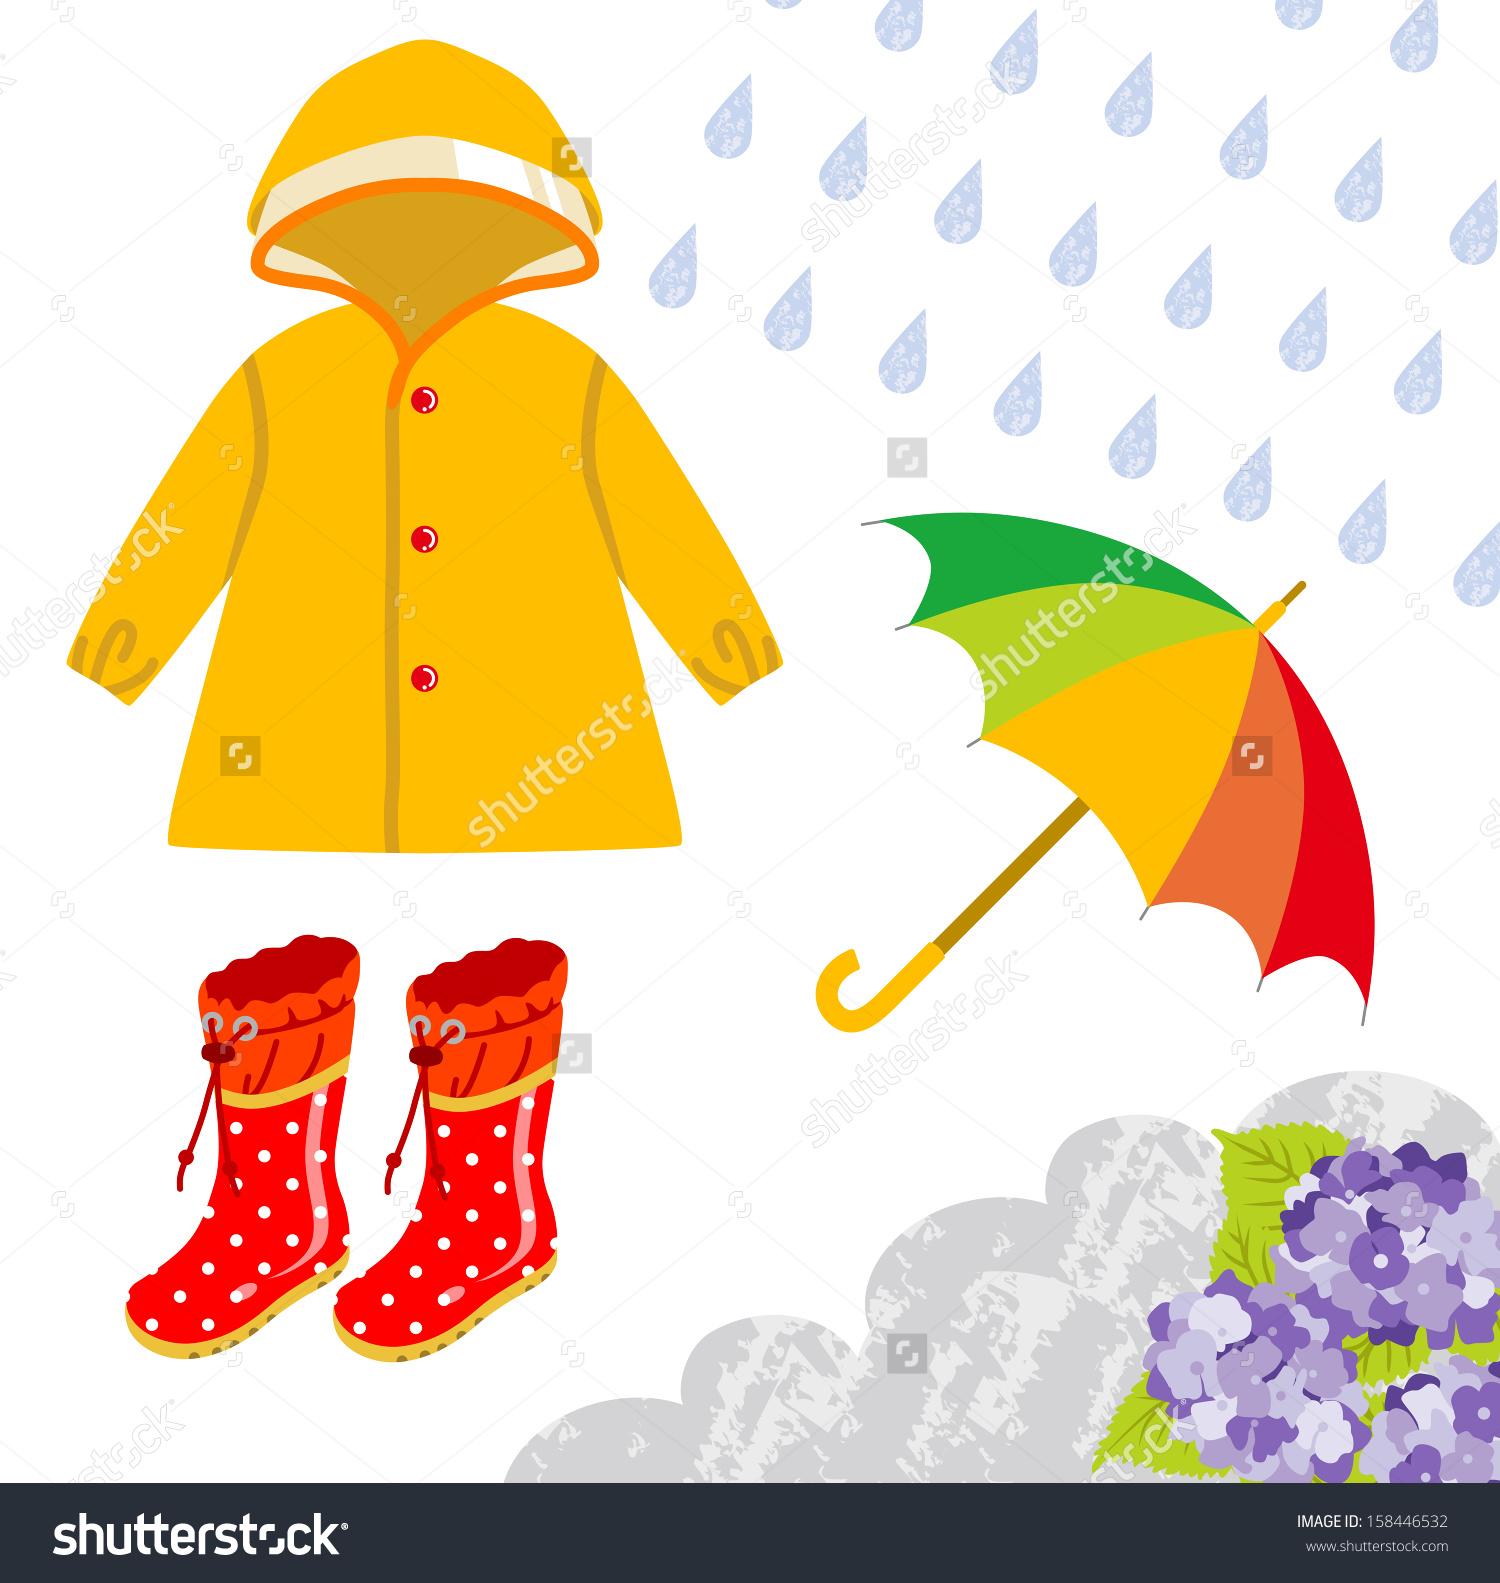 Rain coat kids clipart.